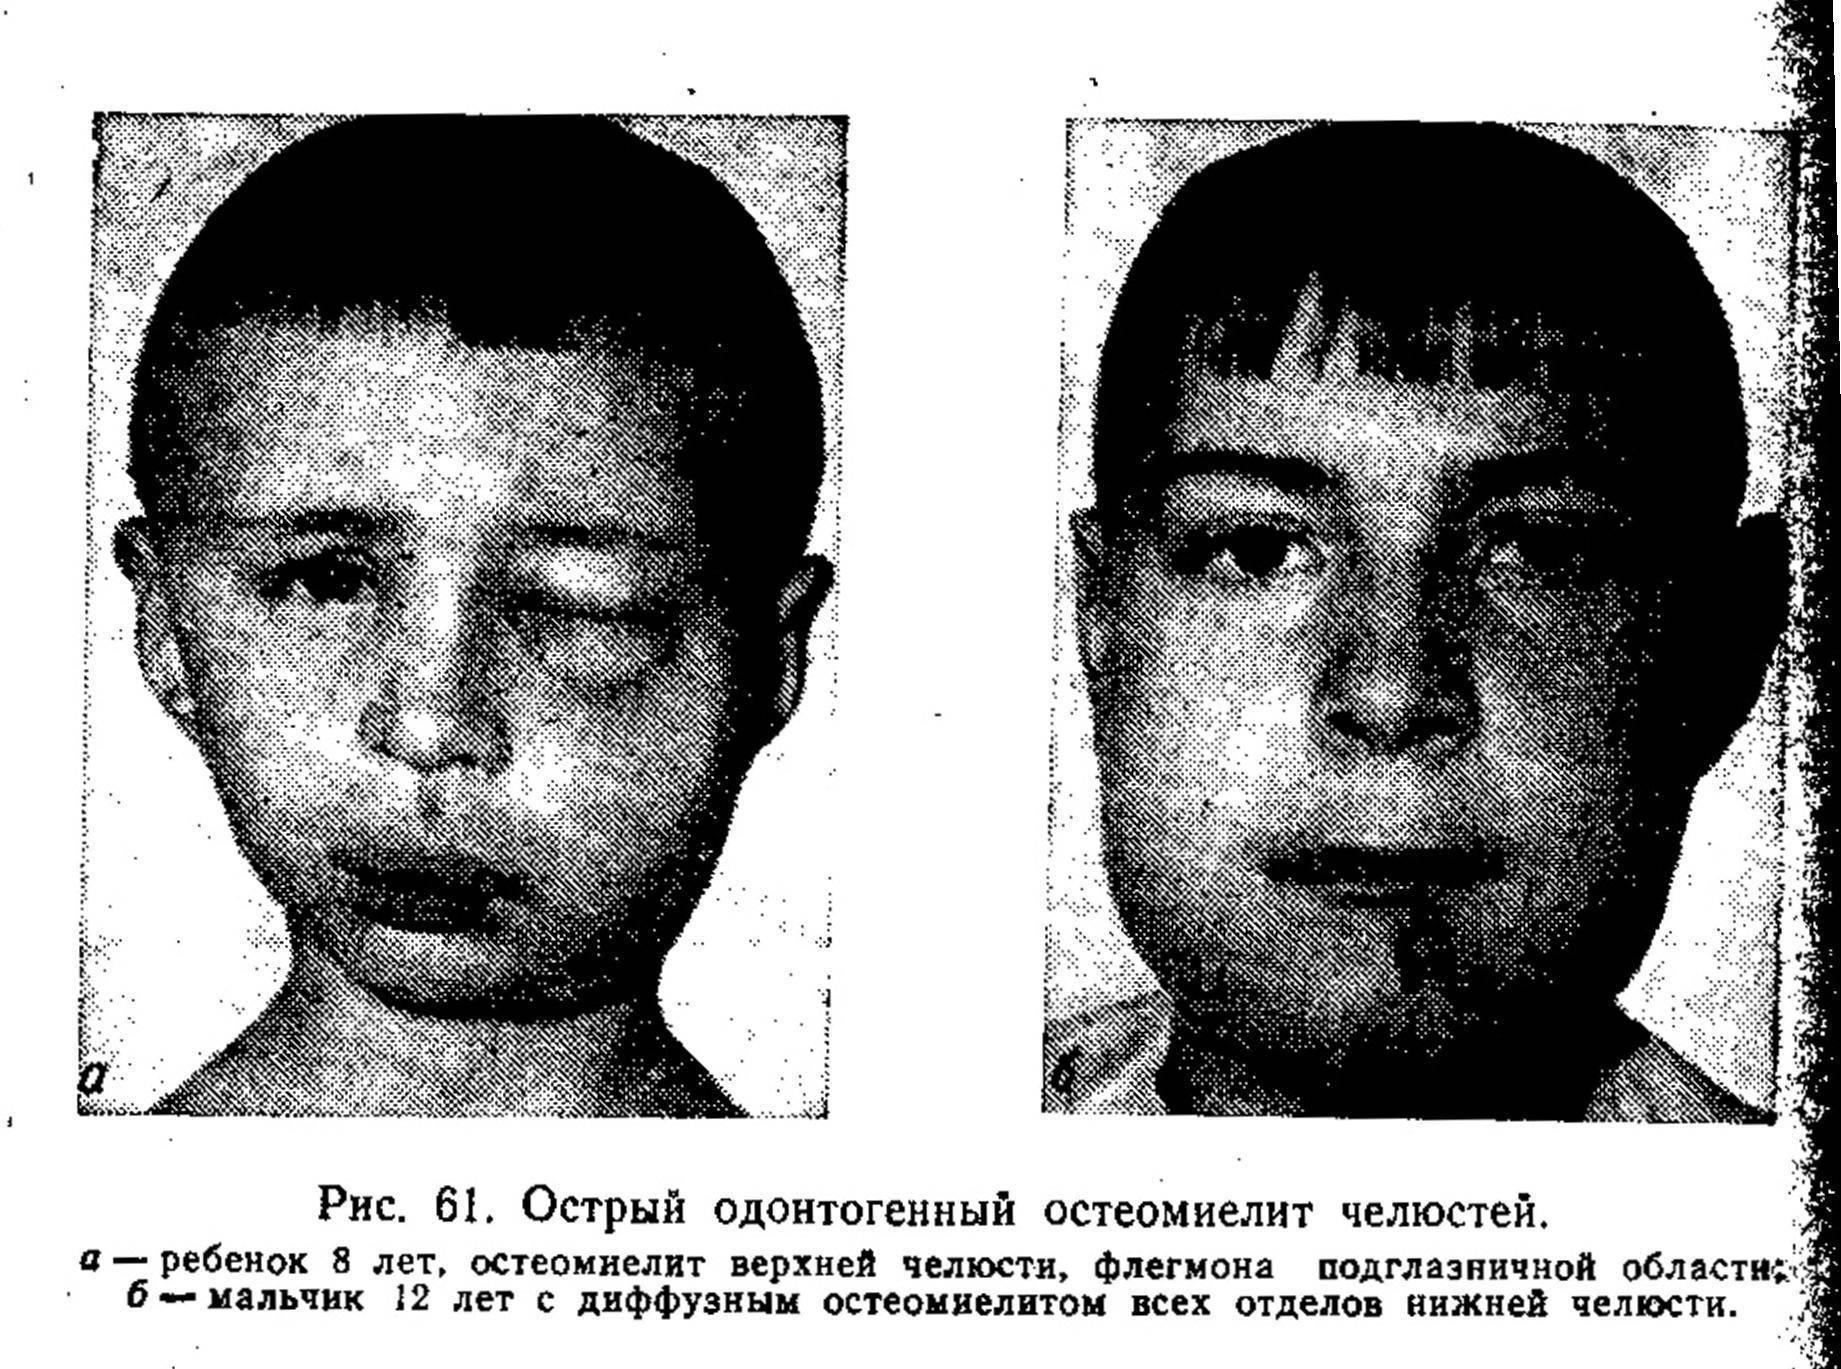 Остеомиелит у ребенка: симптомы, причины, классификация, последствия эпифизарного, аутоиммунного, острого и гнойного заболевания у новорожденных